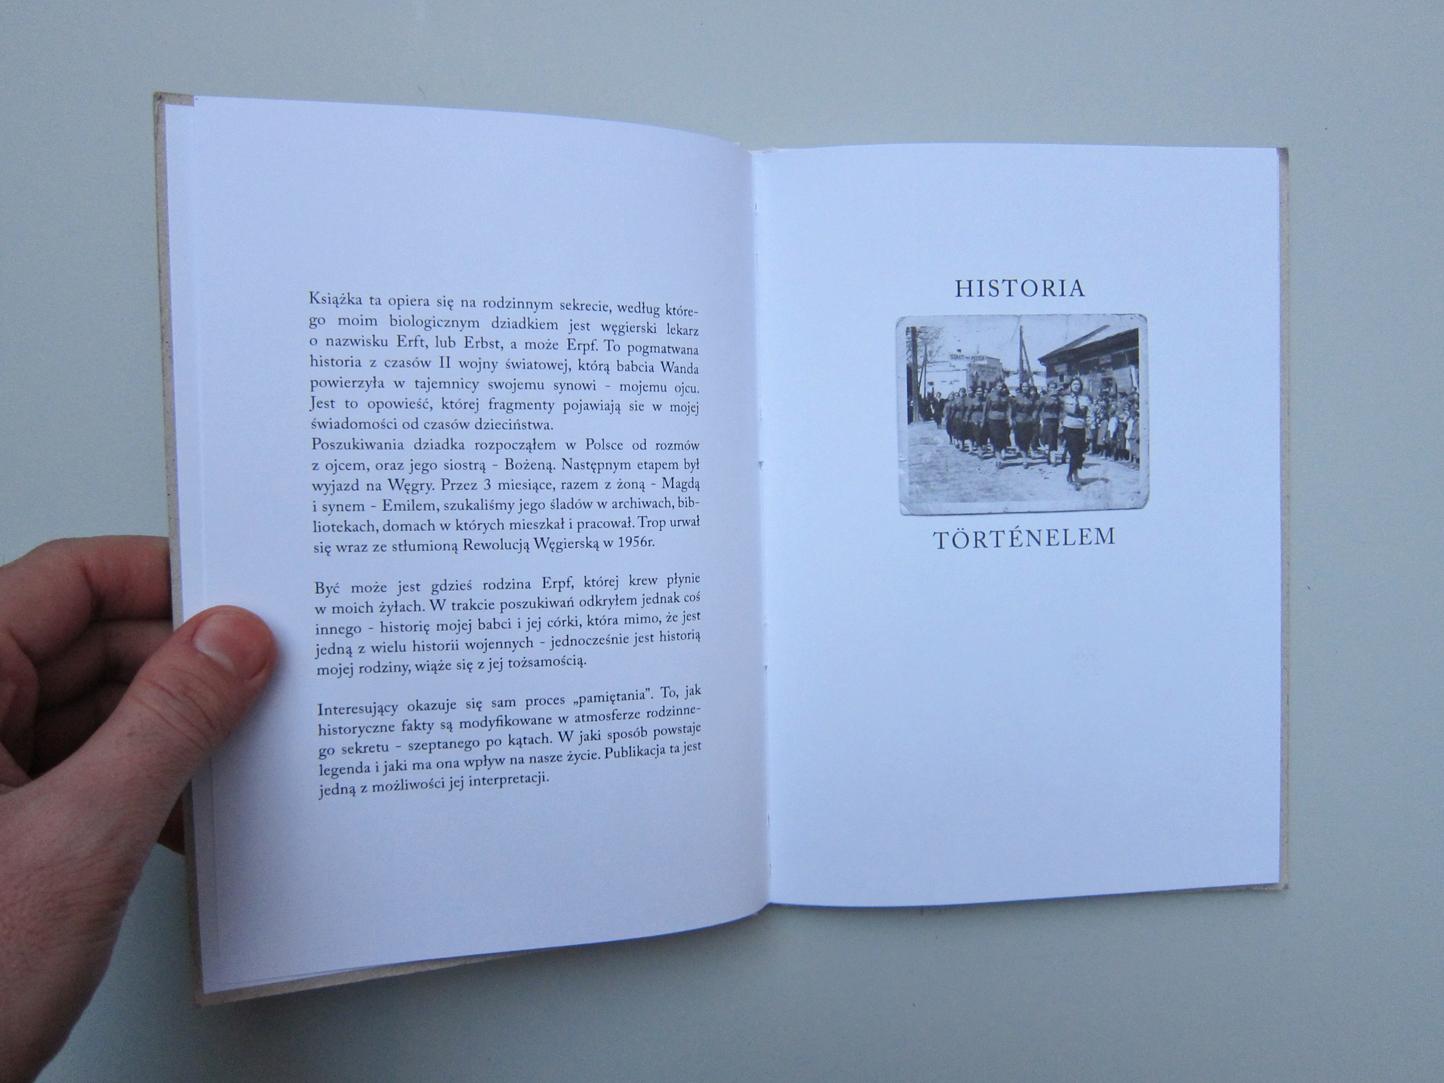 Motto Distribution Blog Archive Erft Book Ludomir Franczak